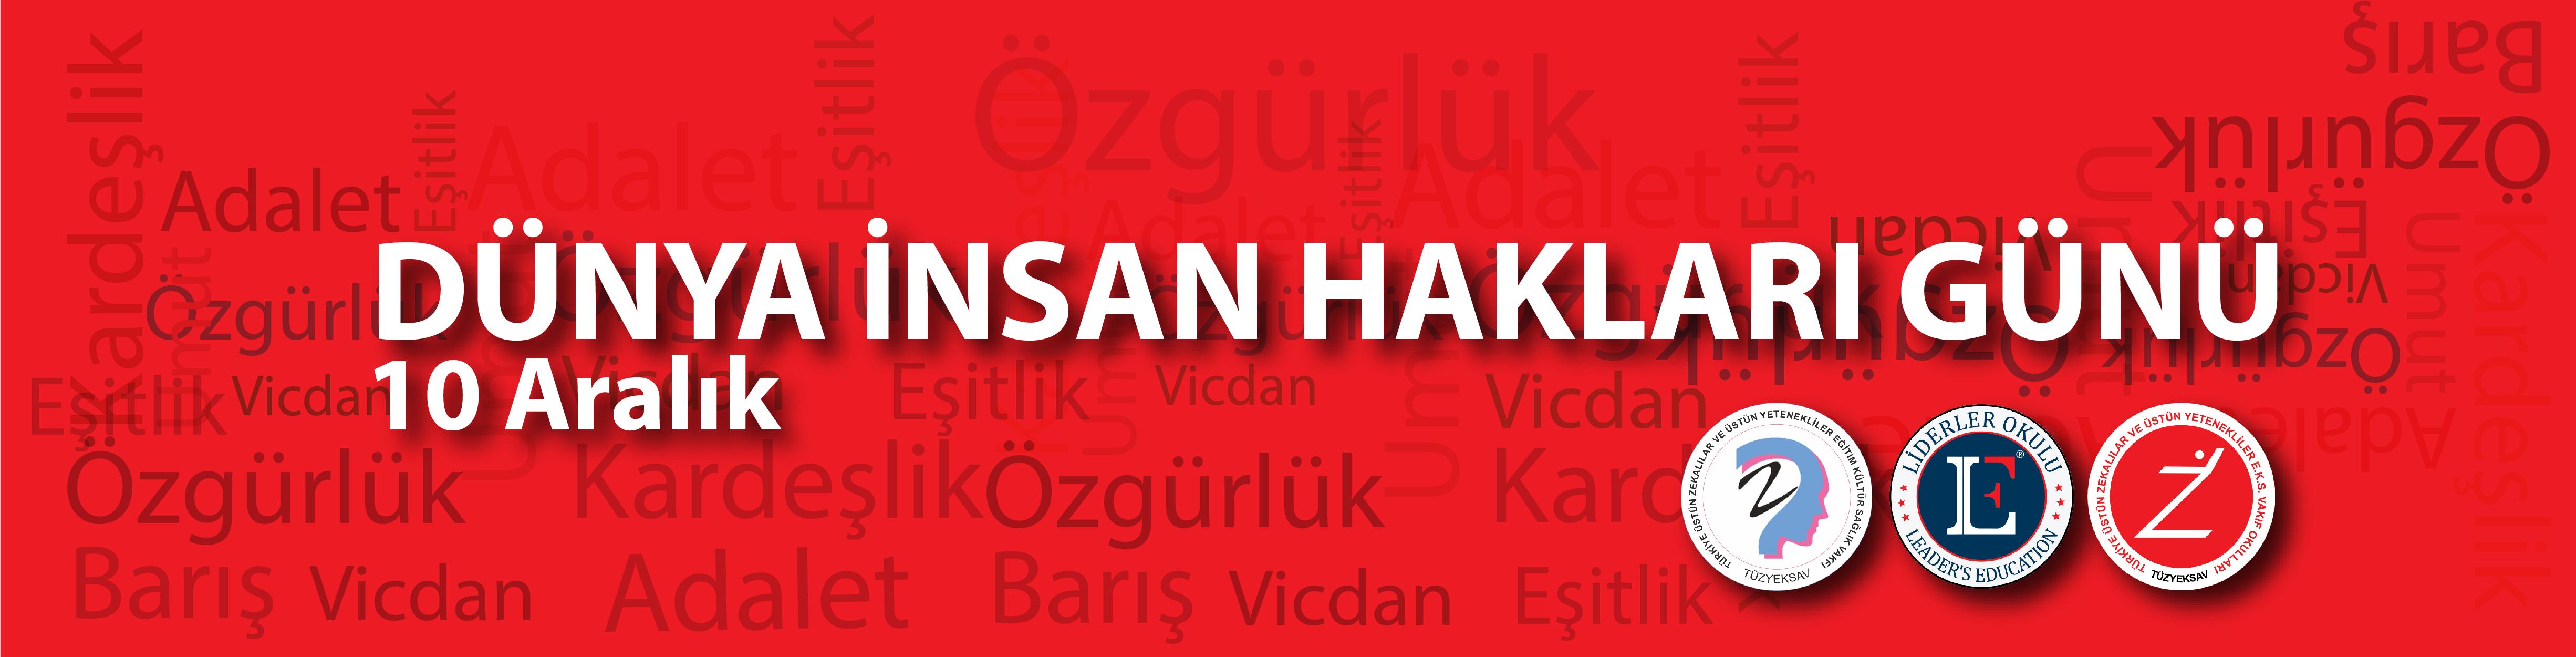 insan-hakları-banner-04